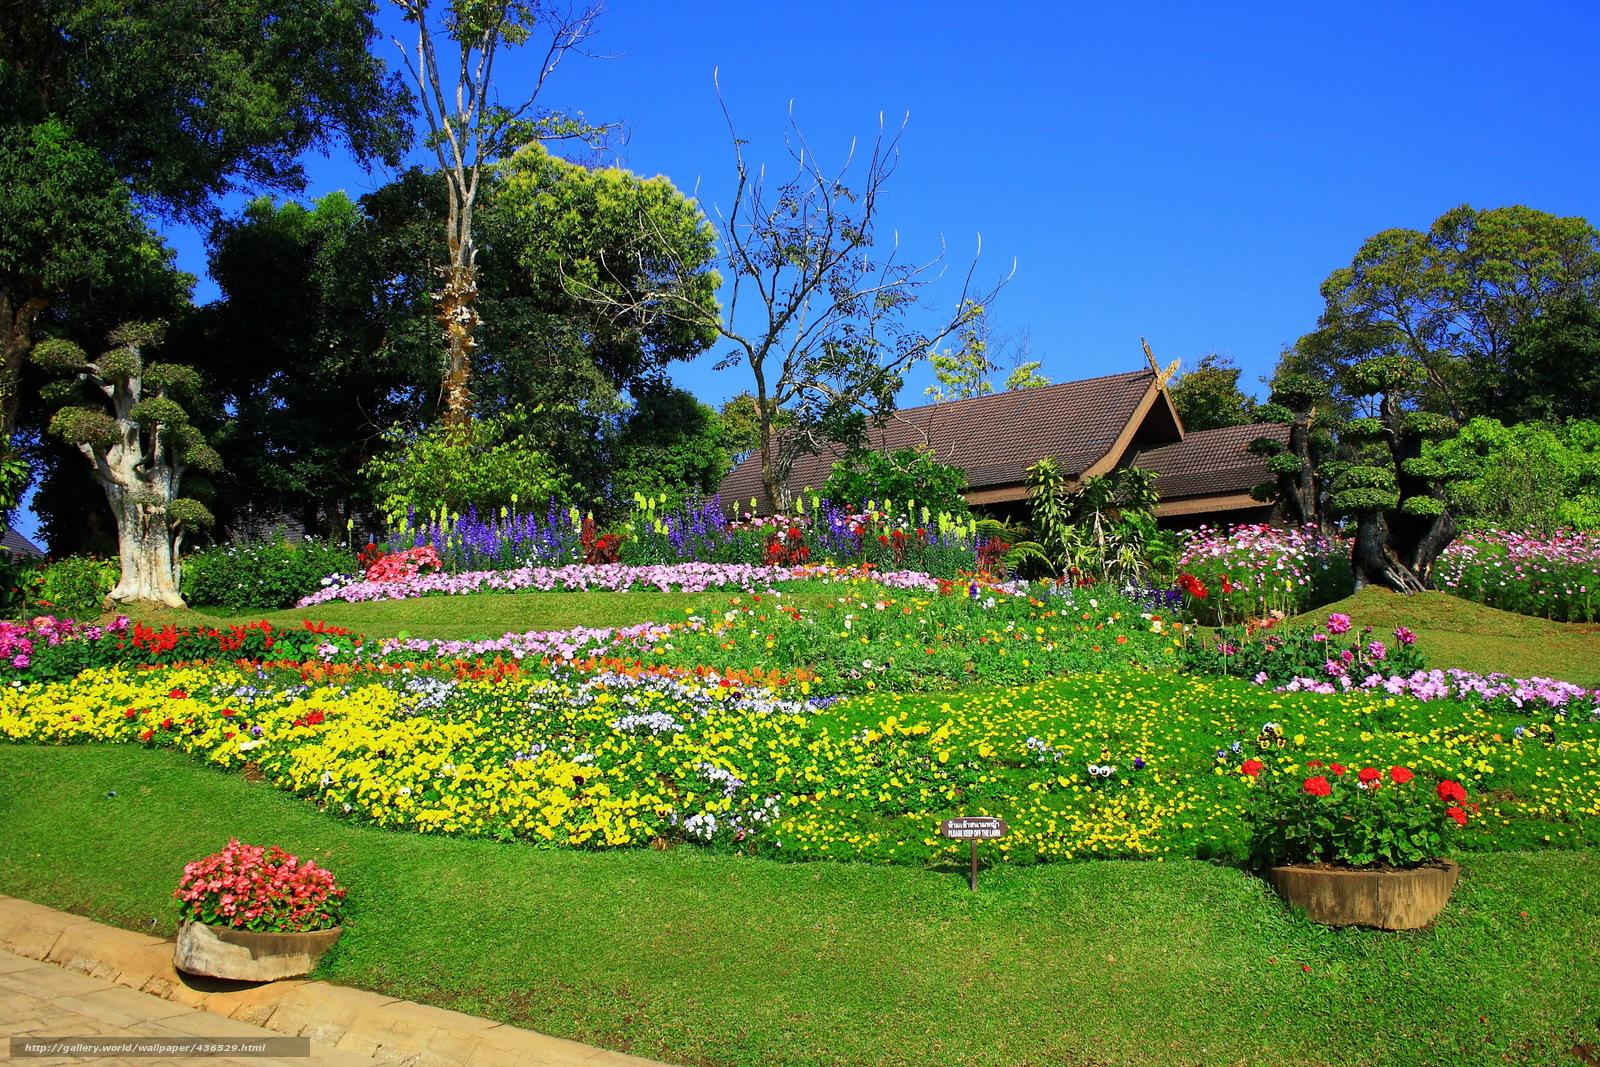 Tlcharger fond d 39 ecran jardin maison parterre de fleurs for Jardin japonais fond d ecran